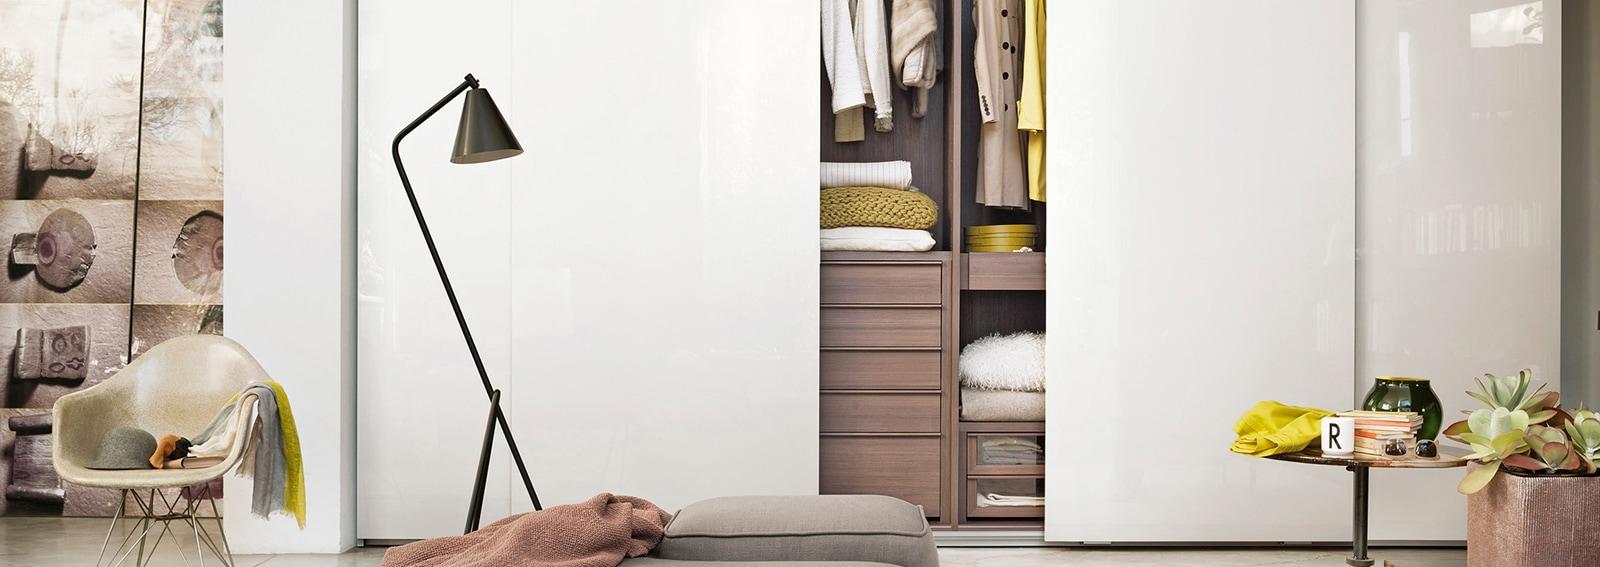 Armadio A Muro Design armadio a muro: 10 idee adatte a ogni spazio